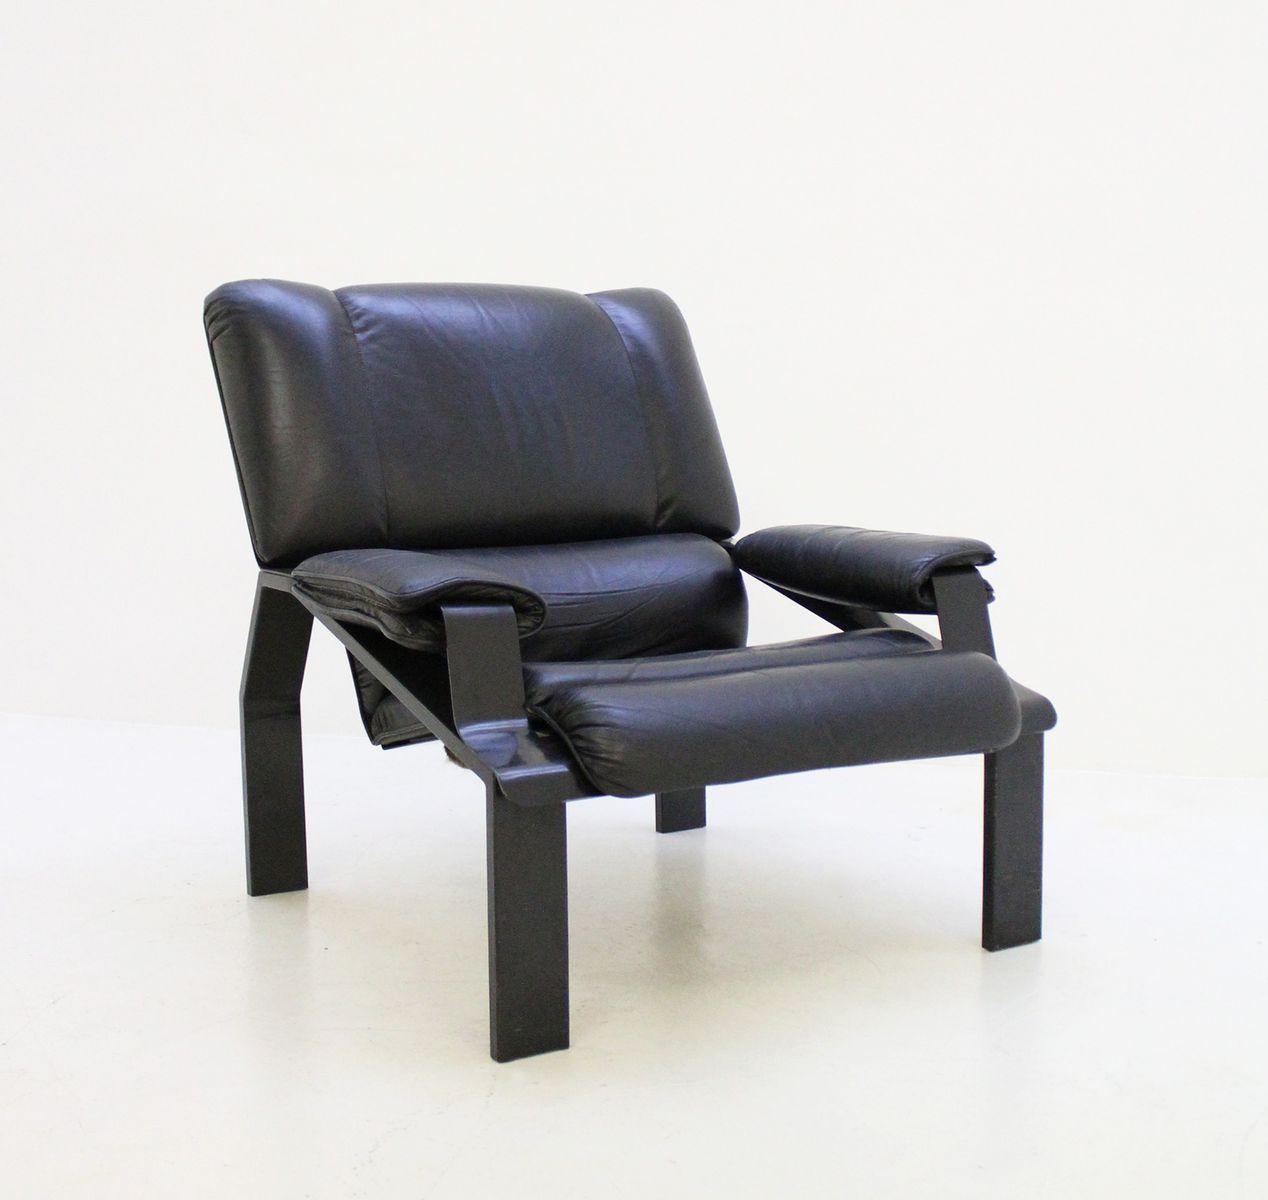 Sessel Mobel Martin Fernsehsessel Mit Hocker Designer Sessel Kaufen Sessel Mit Aufstehhilfe Mobel Kra Sessel Kaufen Fernsehsessel Mit Hocker Mobel Martin